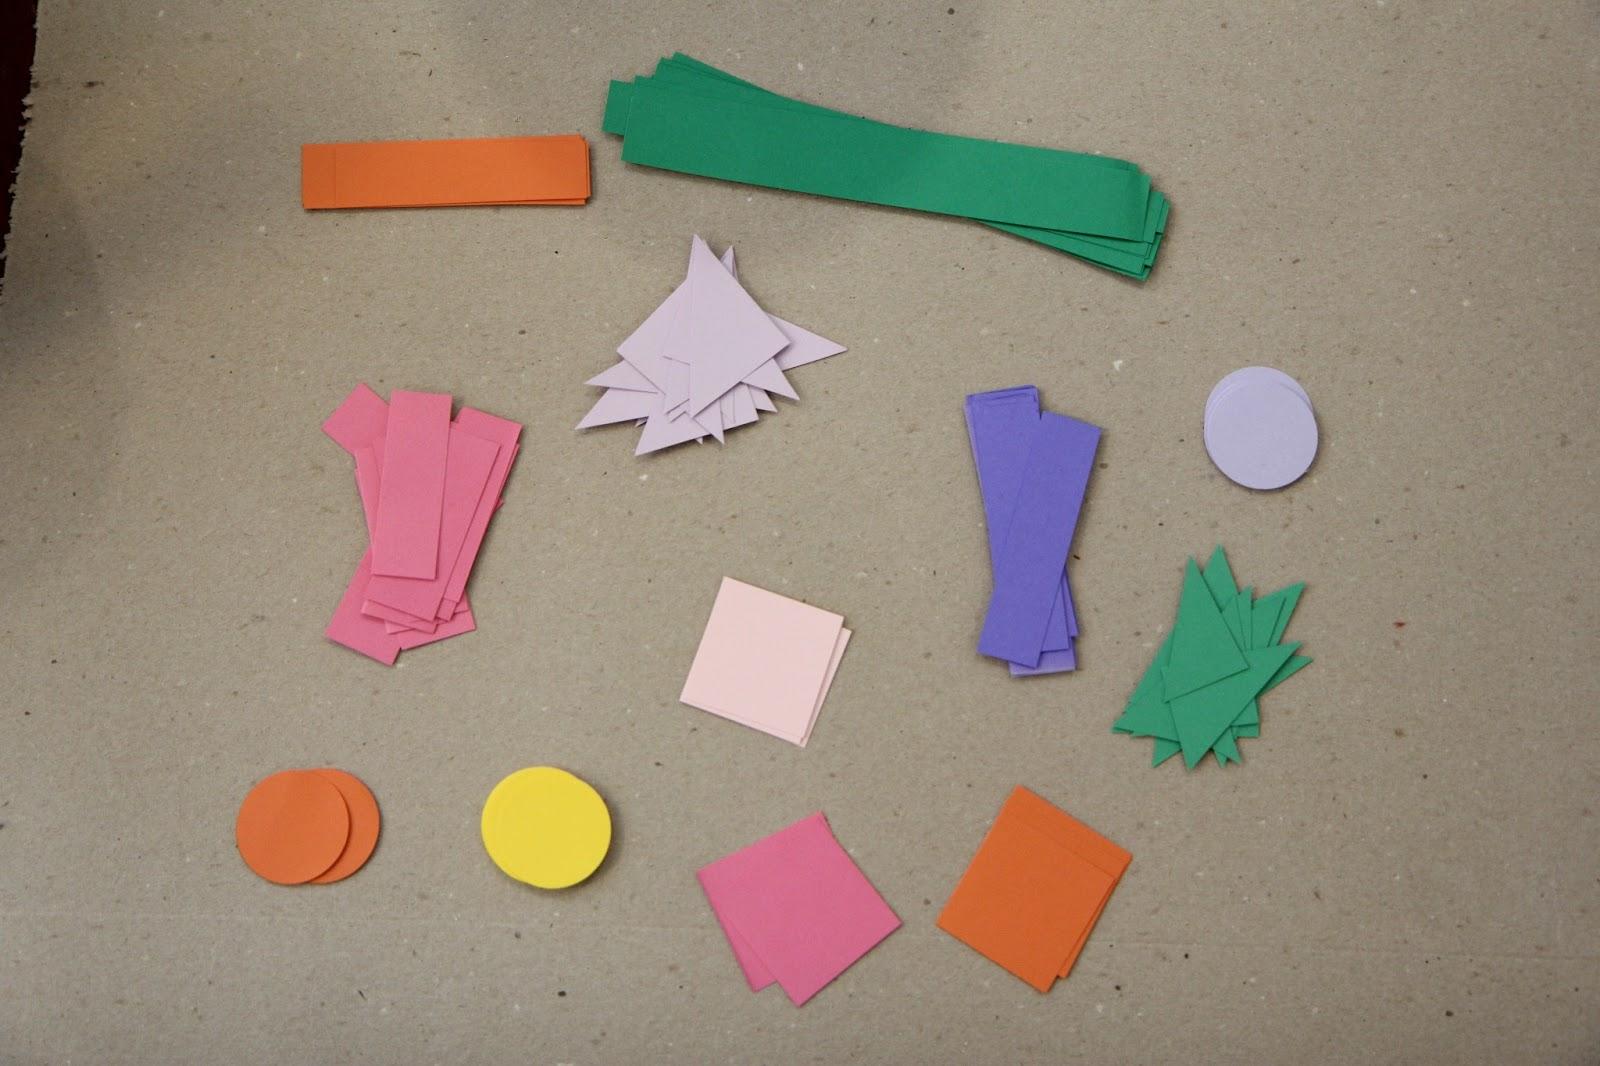 Cutting Duplicate Paper Shapes